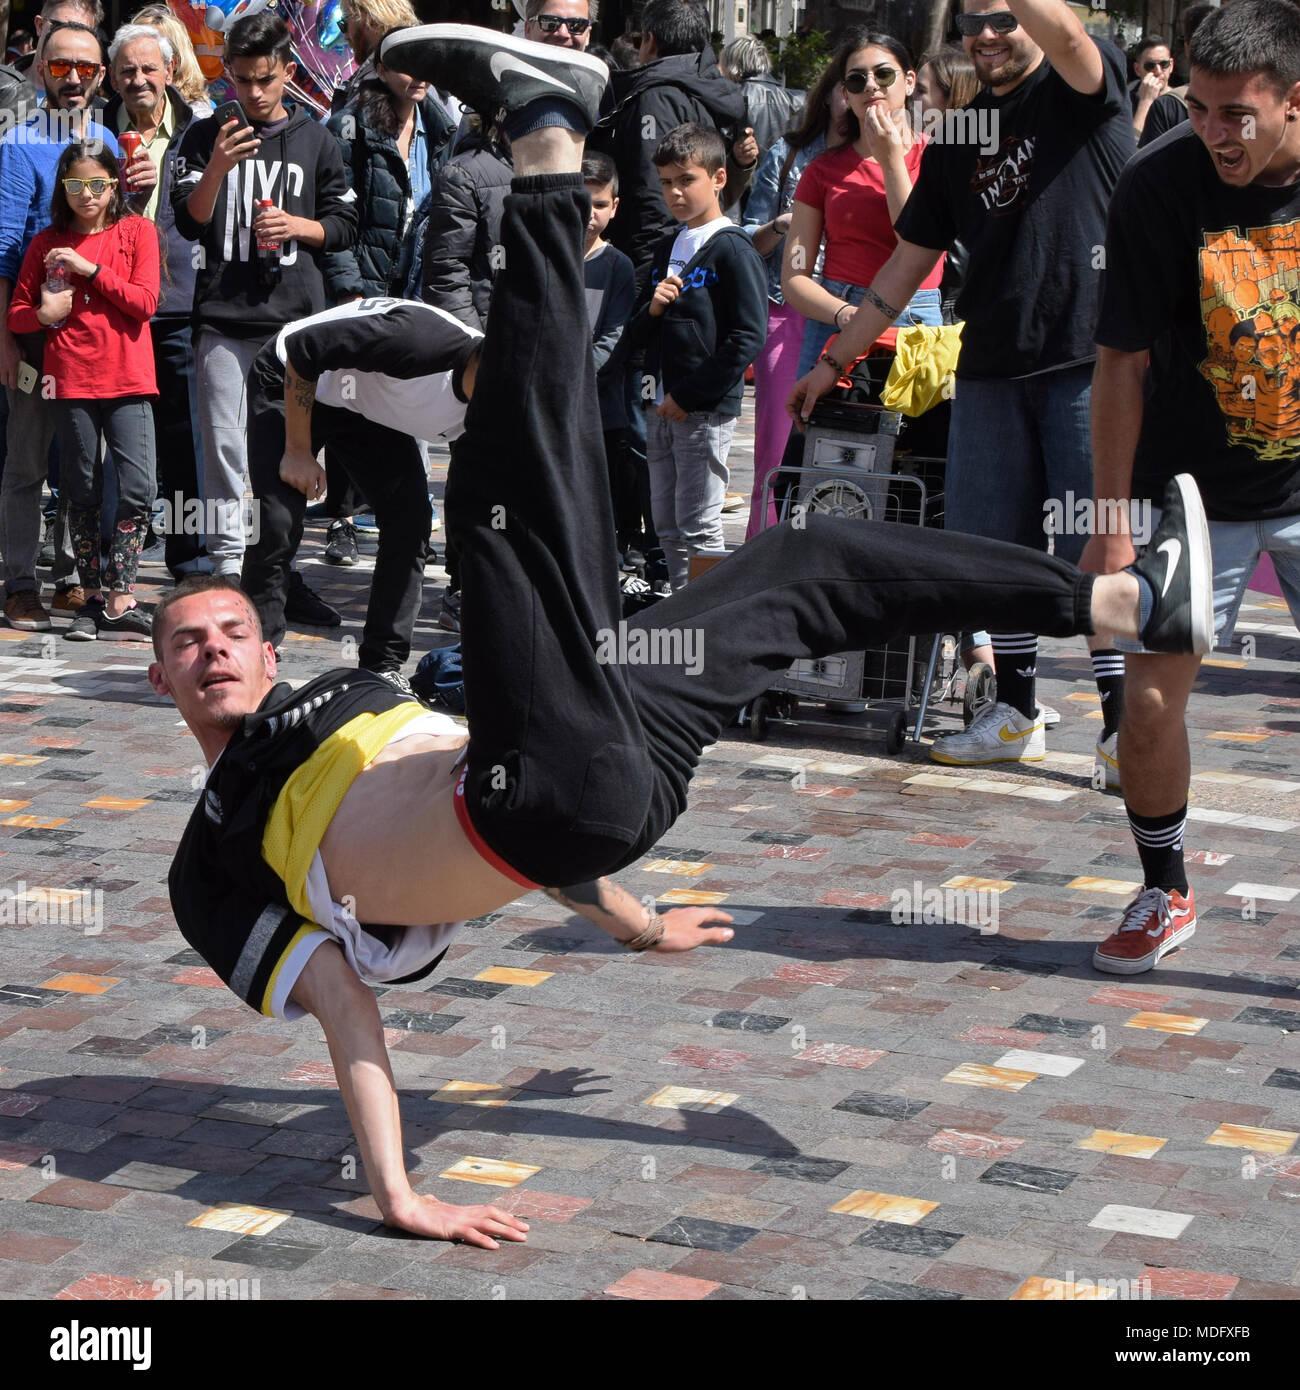 Atene, Grecia - Aprile 1, 2018: Breakdancer esecuzione in una pubblica piazza e la folla di gente. Via danza cultura giovanile. Immagini Stock